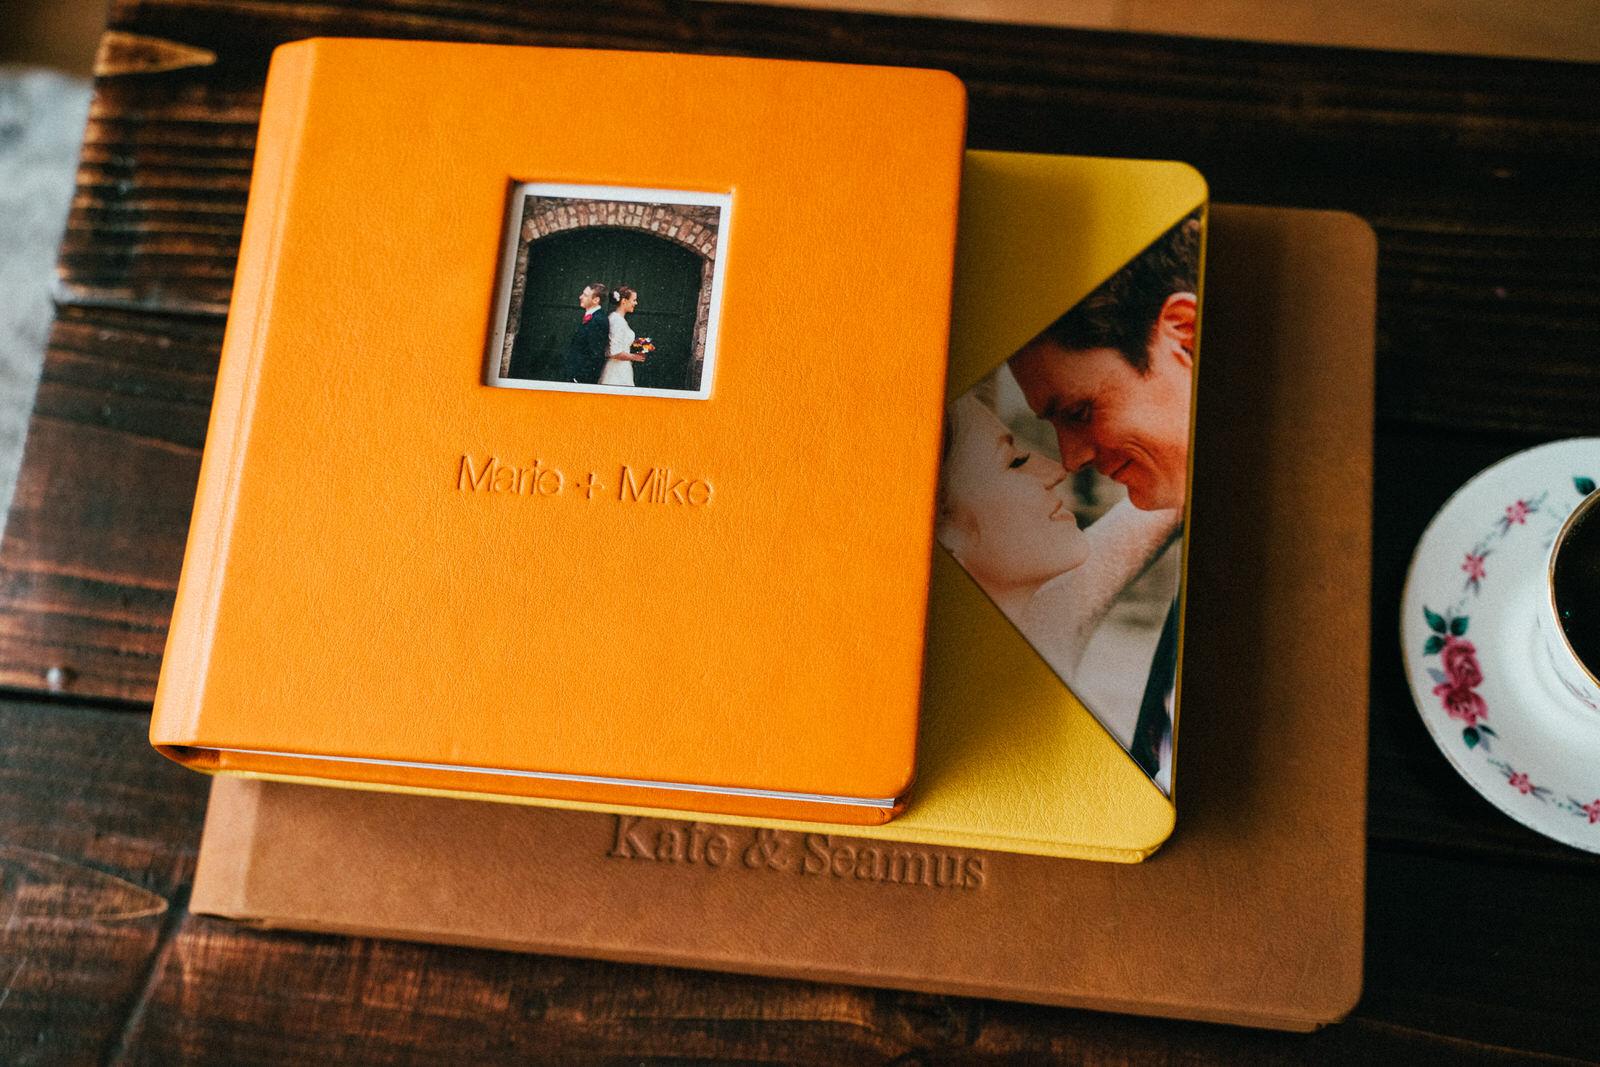 Irish wedding larde photobook